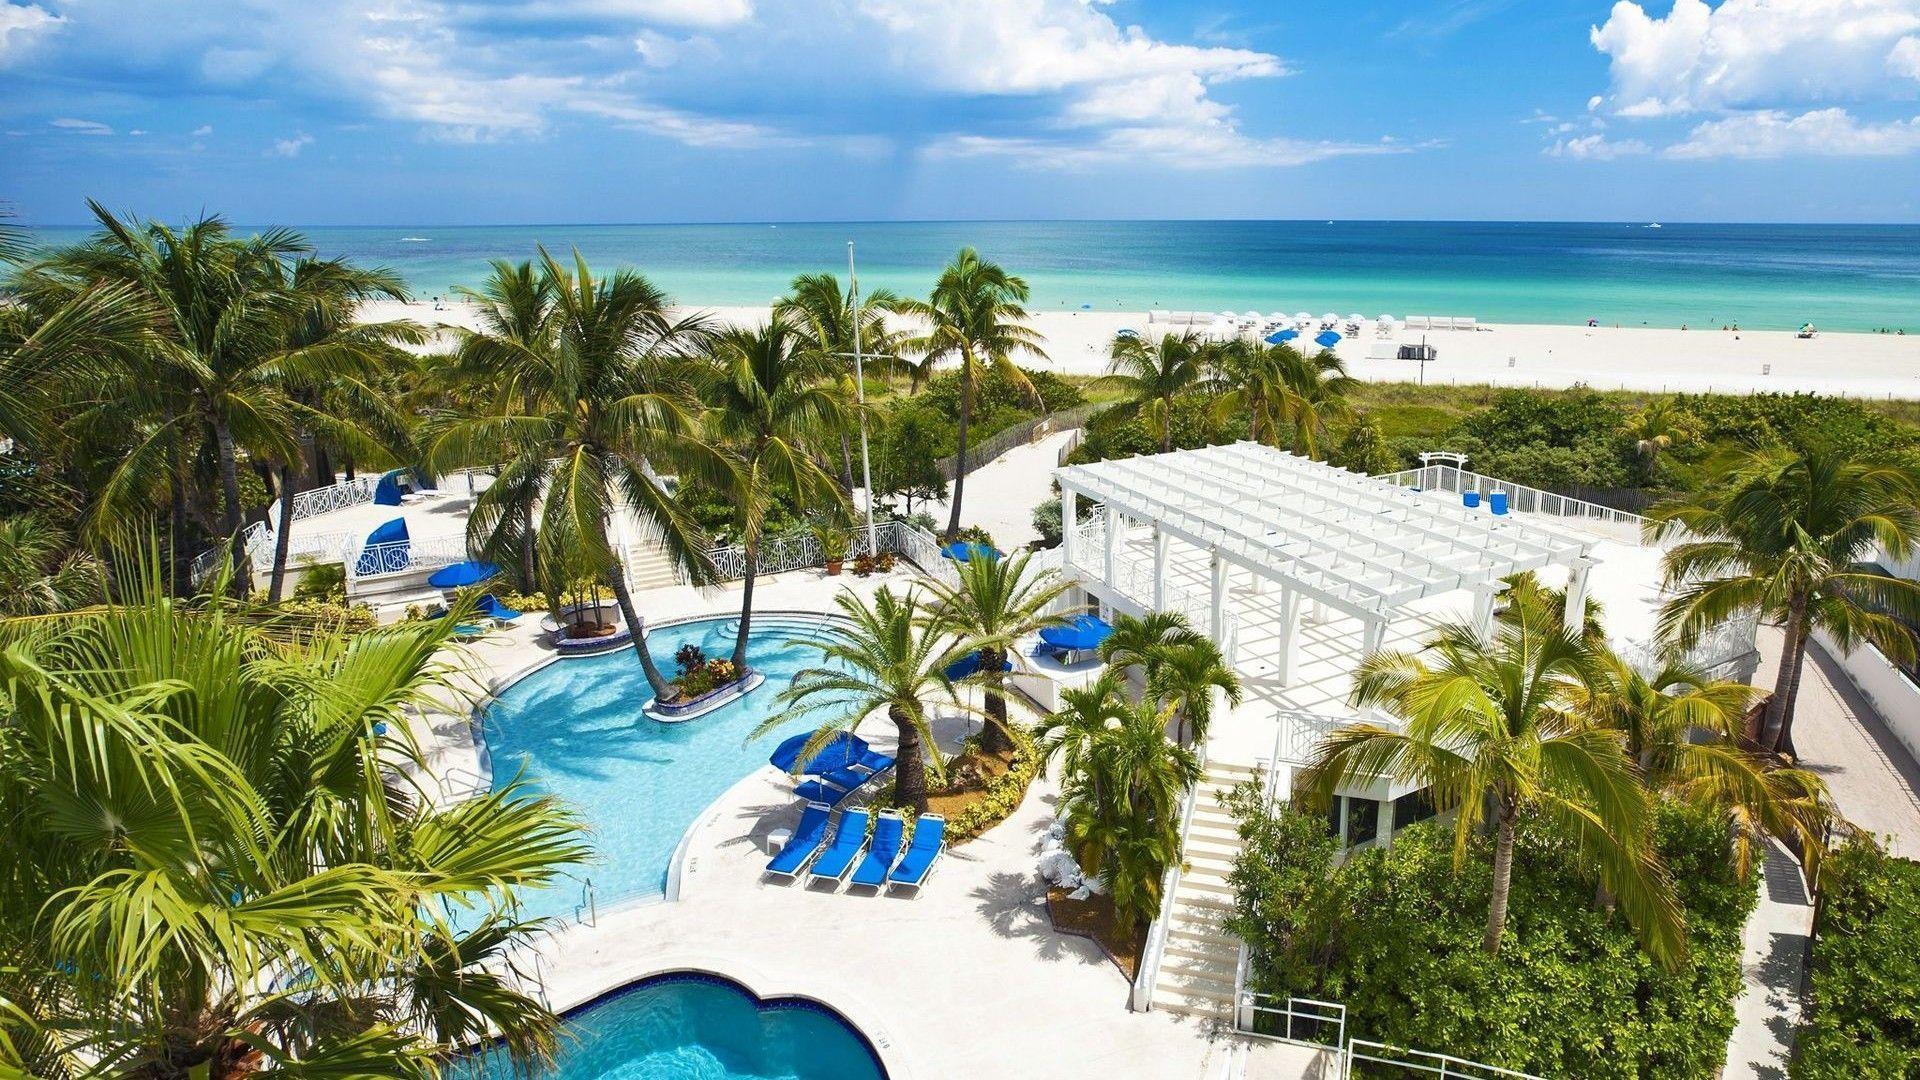 The Palms South Beach Miami